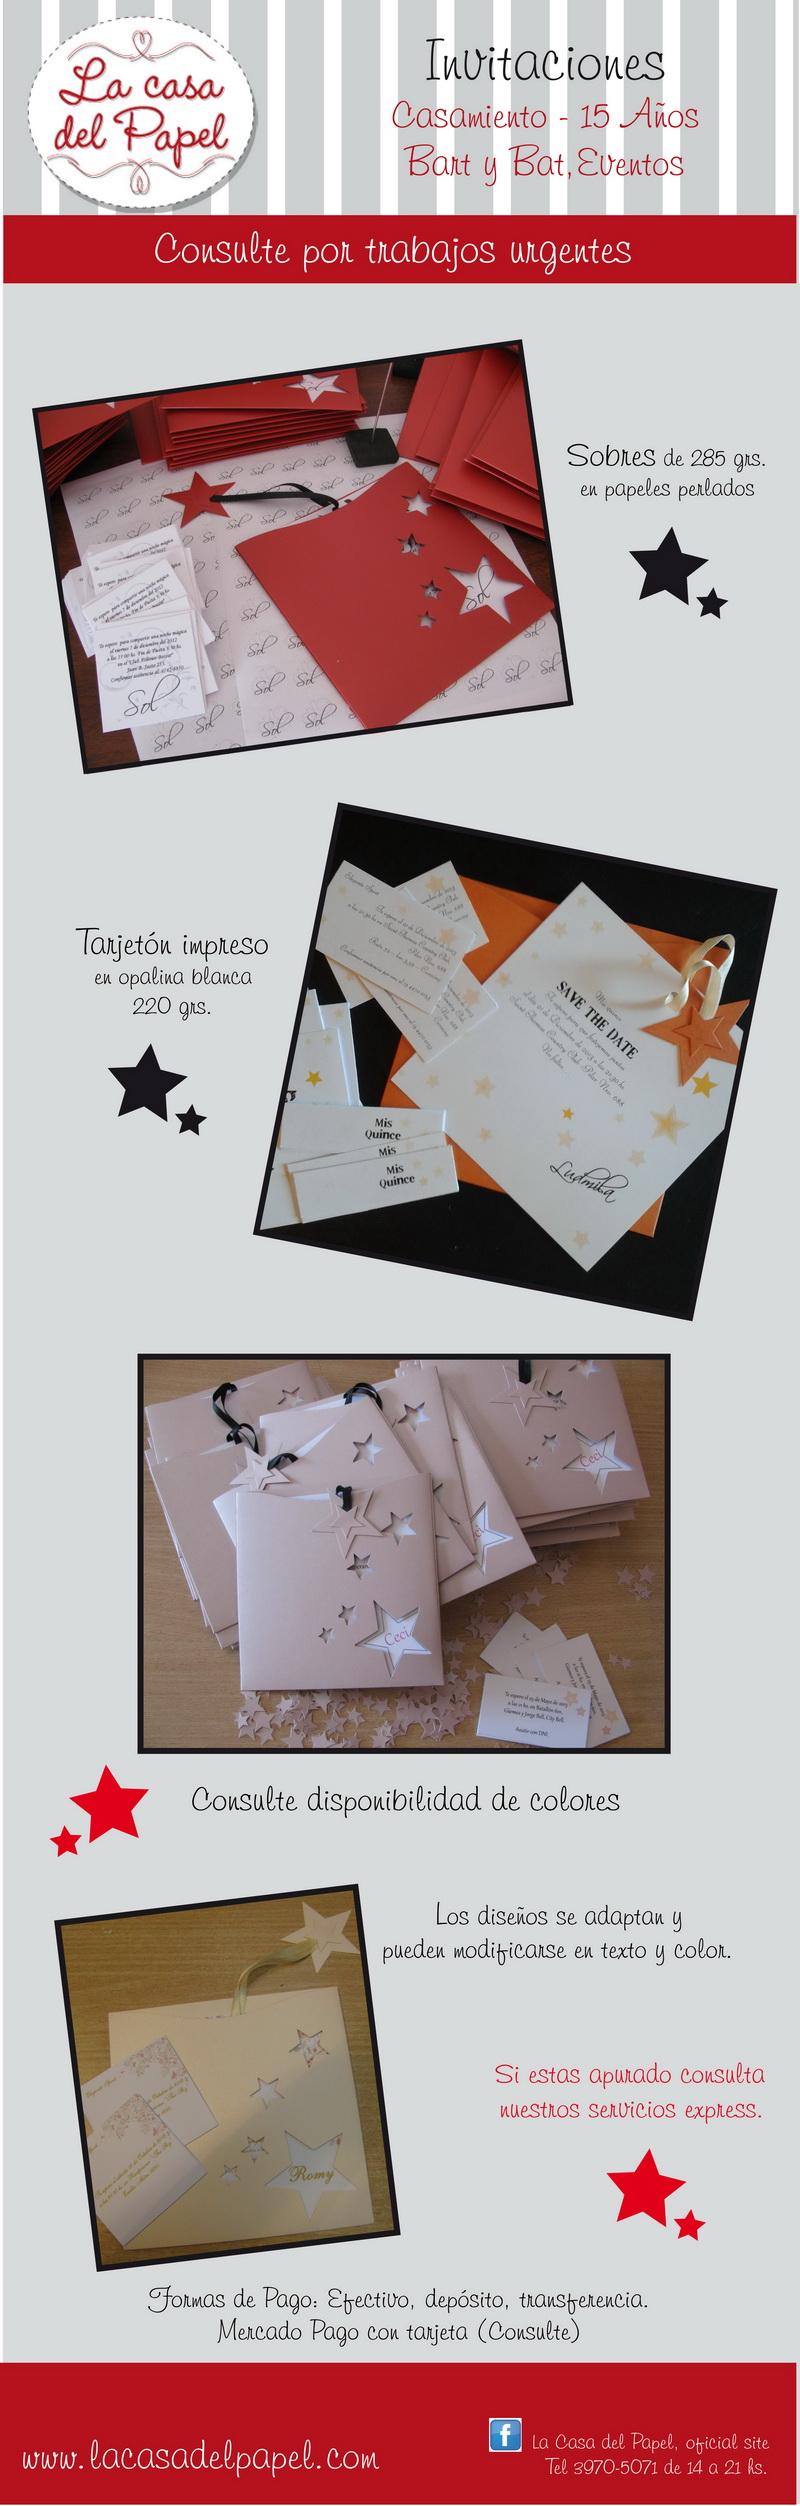 Invitaciones de casamiento caladas, impresas, con detalles finos con cinta